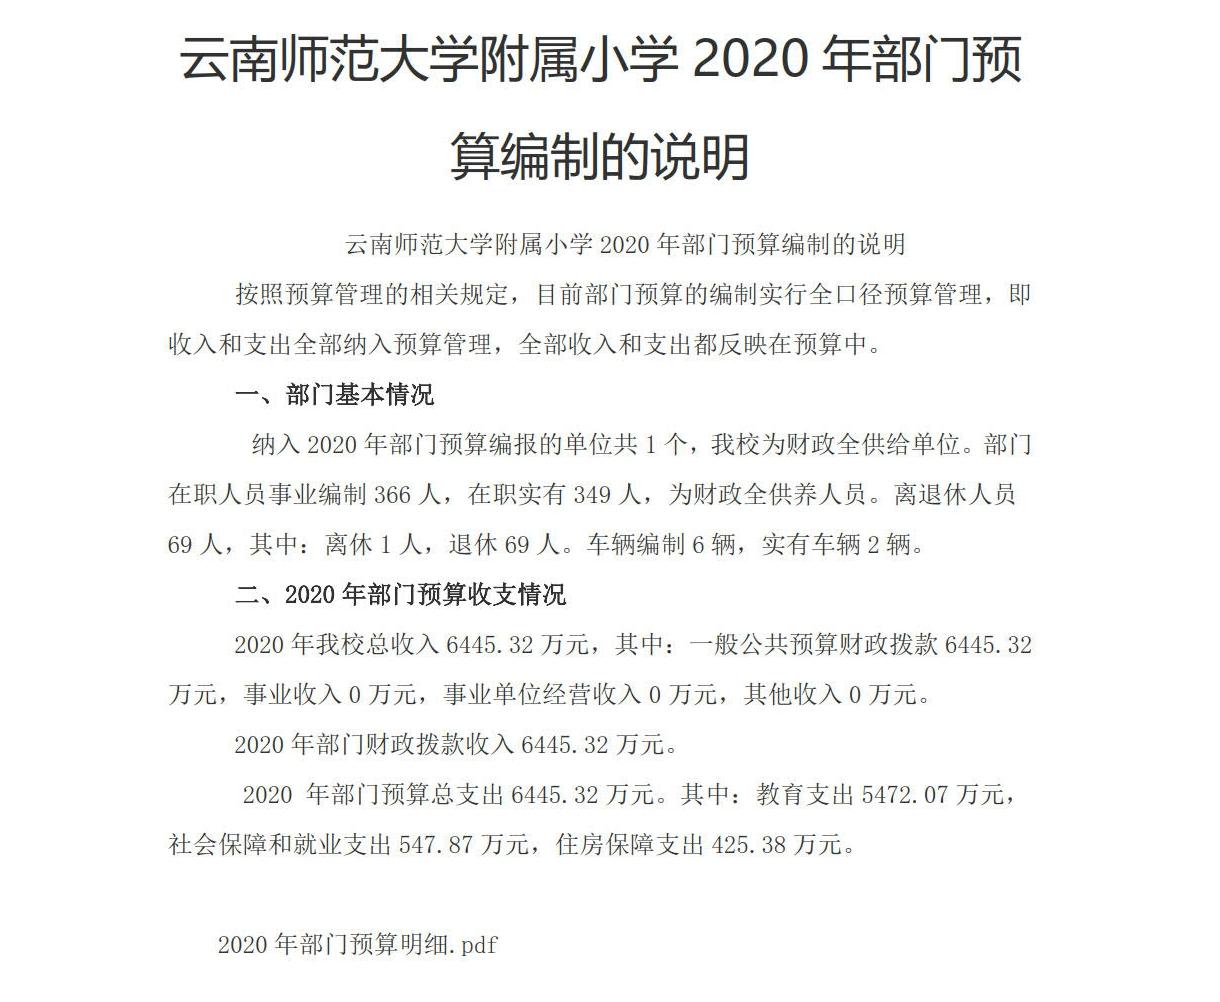 2020年部门预算编制说明_1.jpg